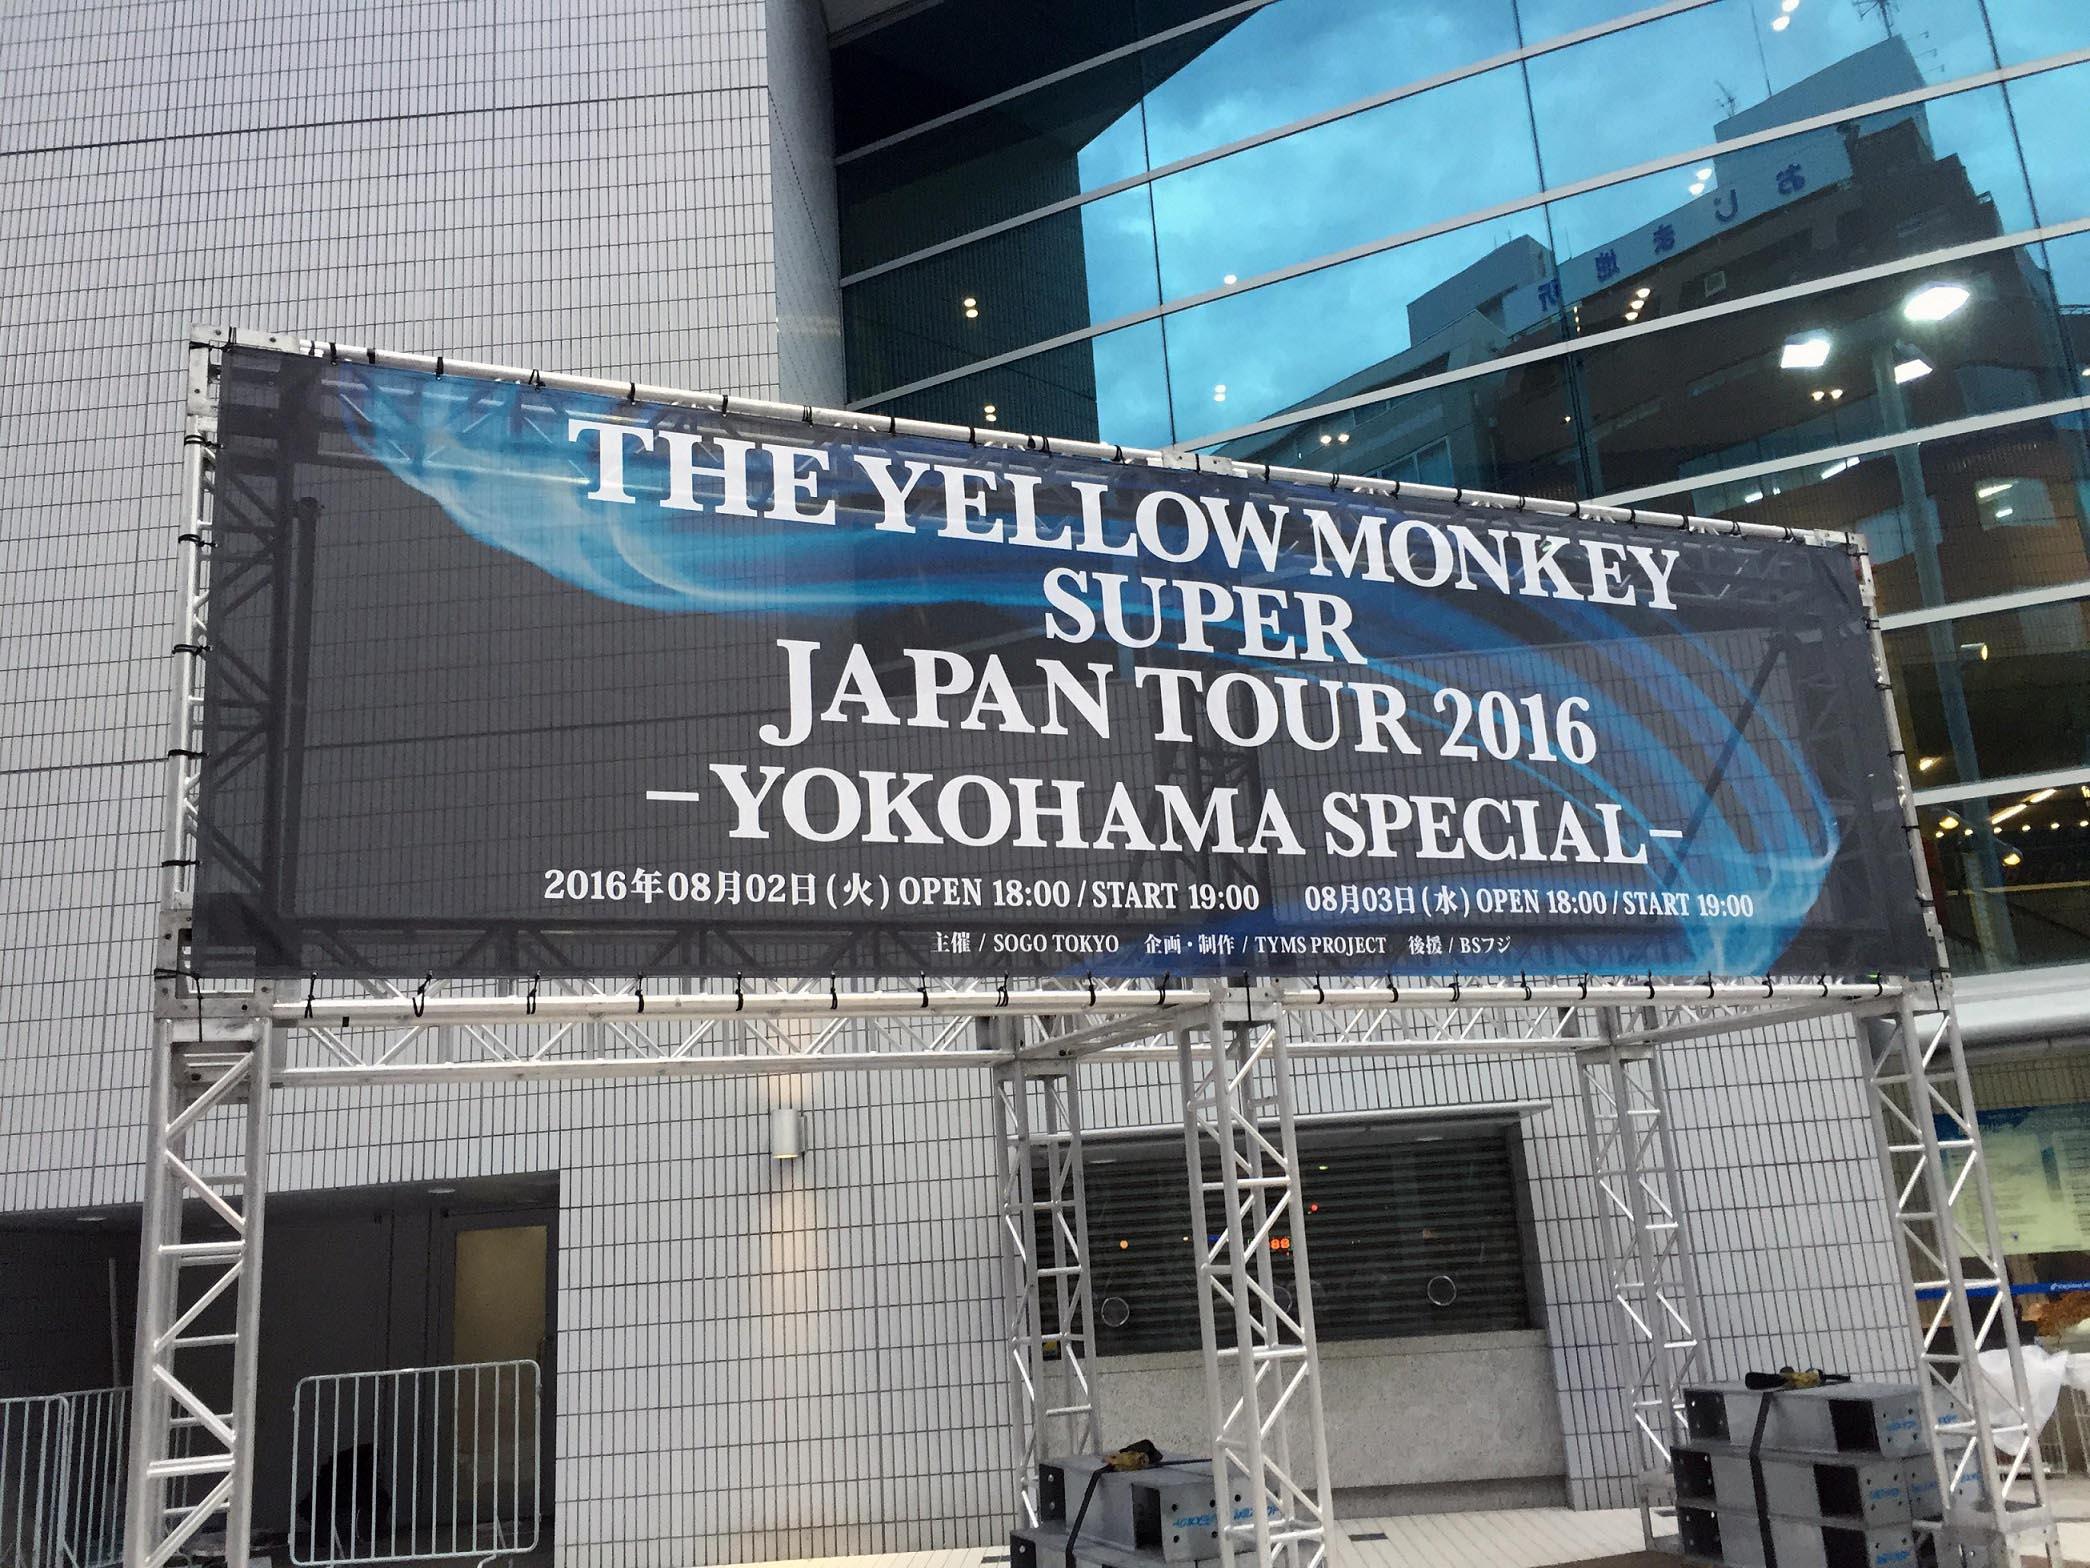 yokohama_yellowmonkey